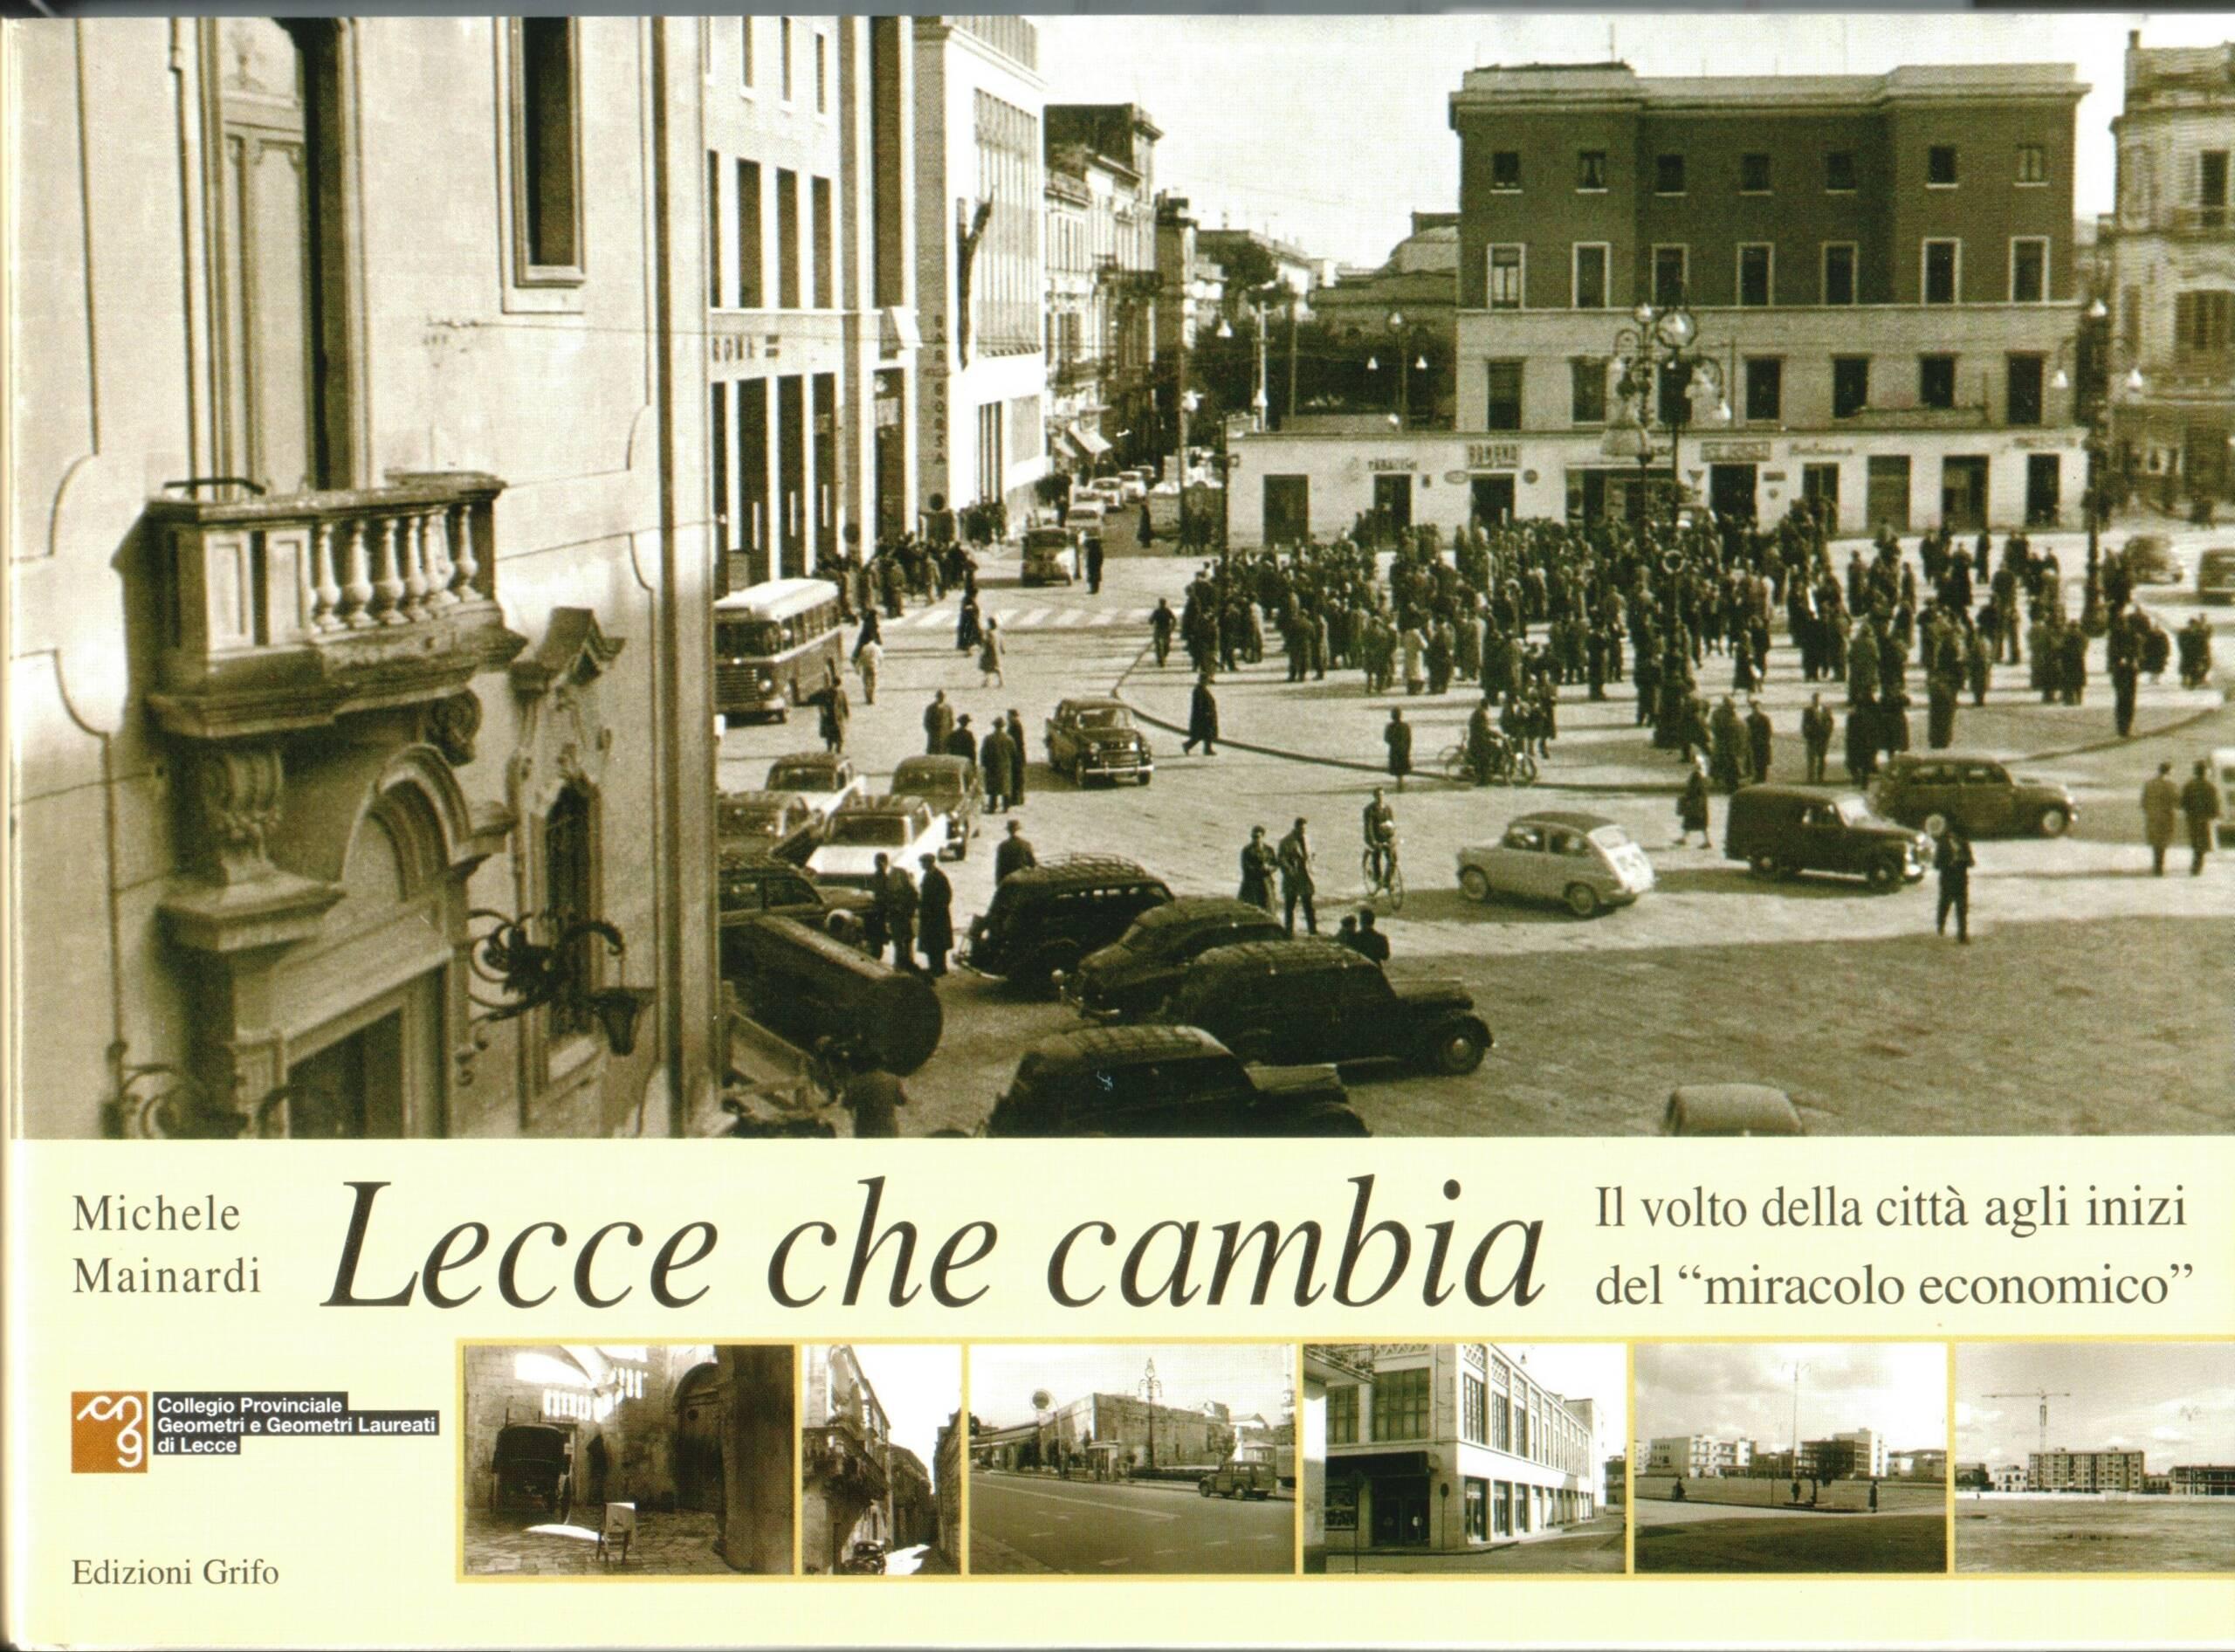 Lecce che cambia